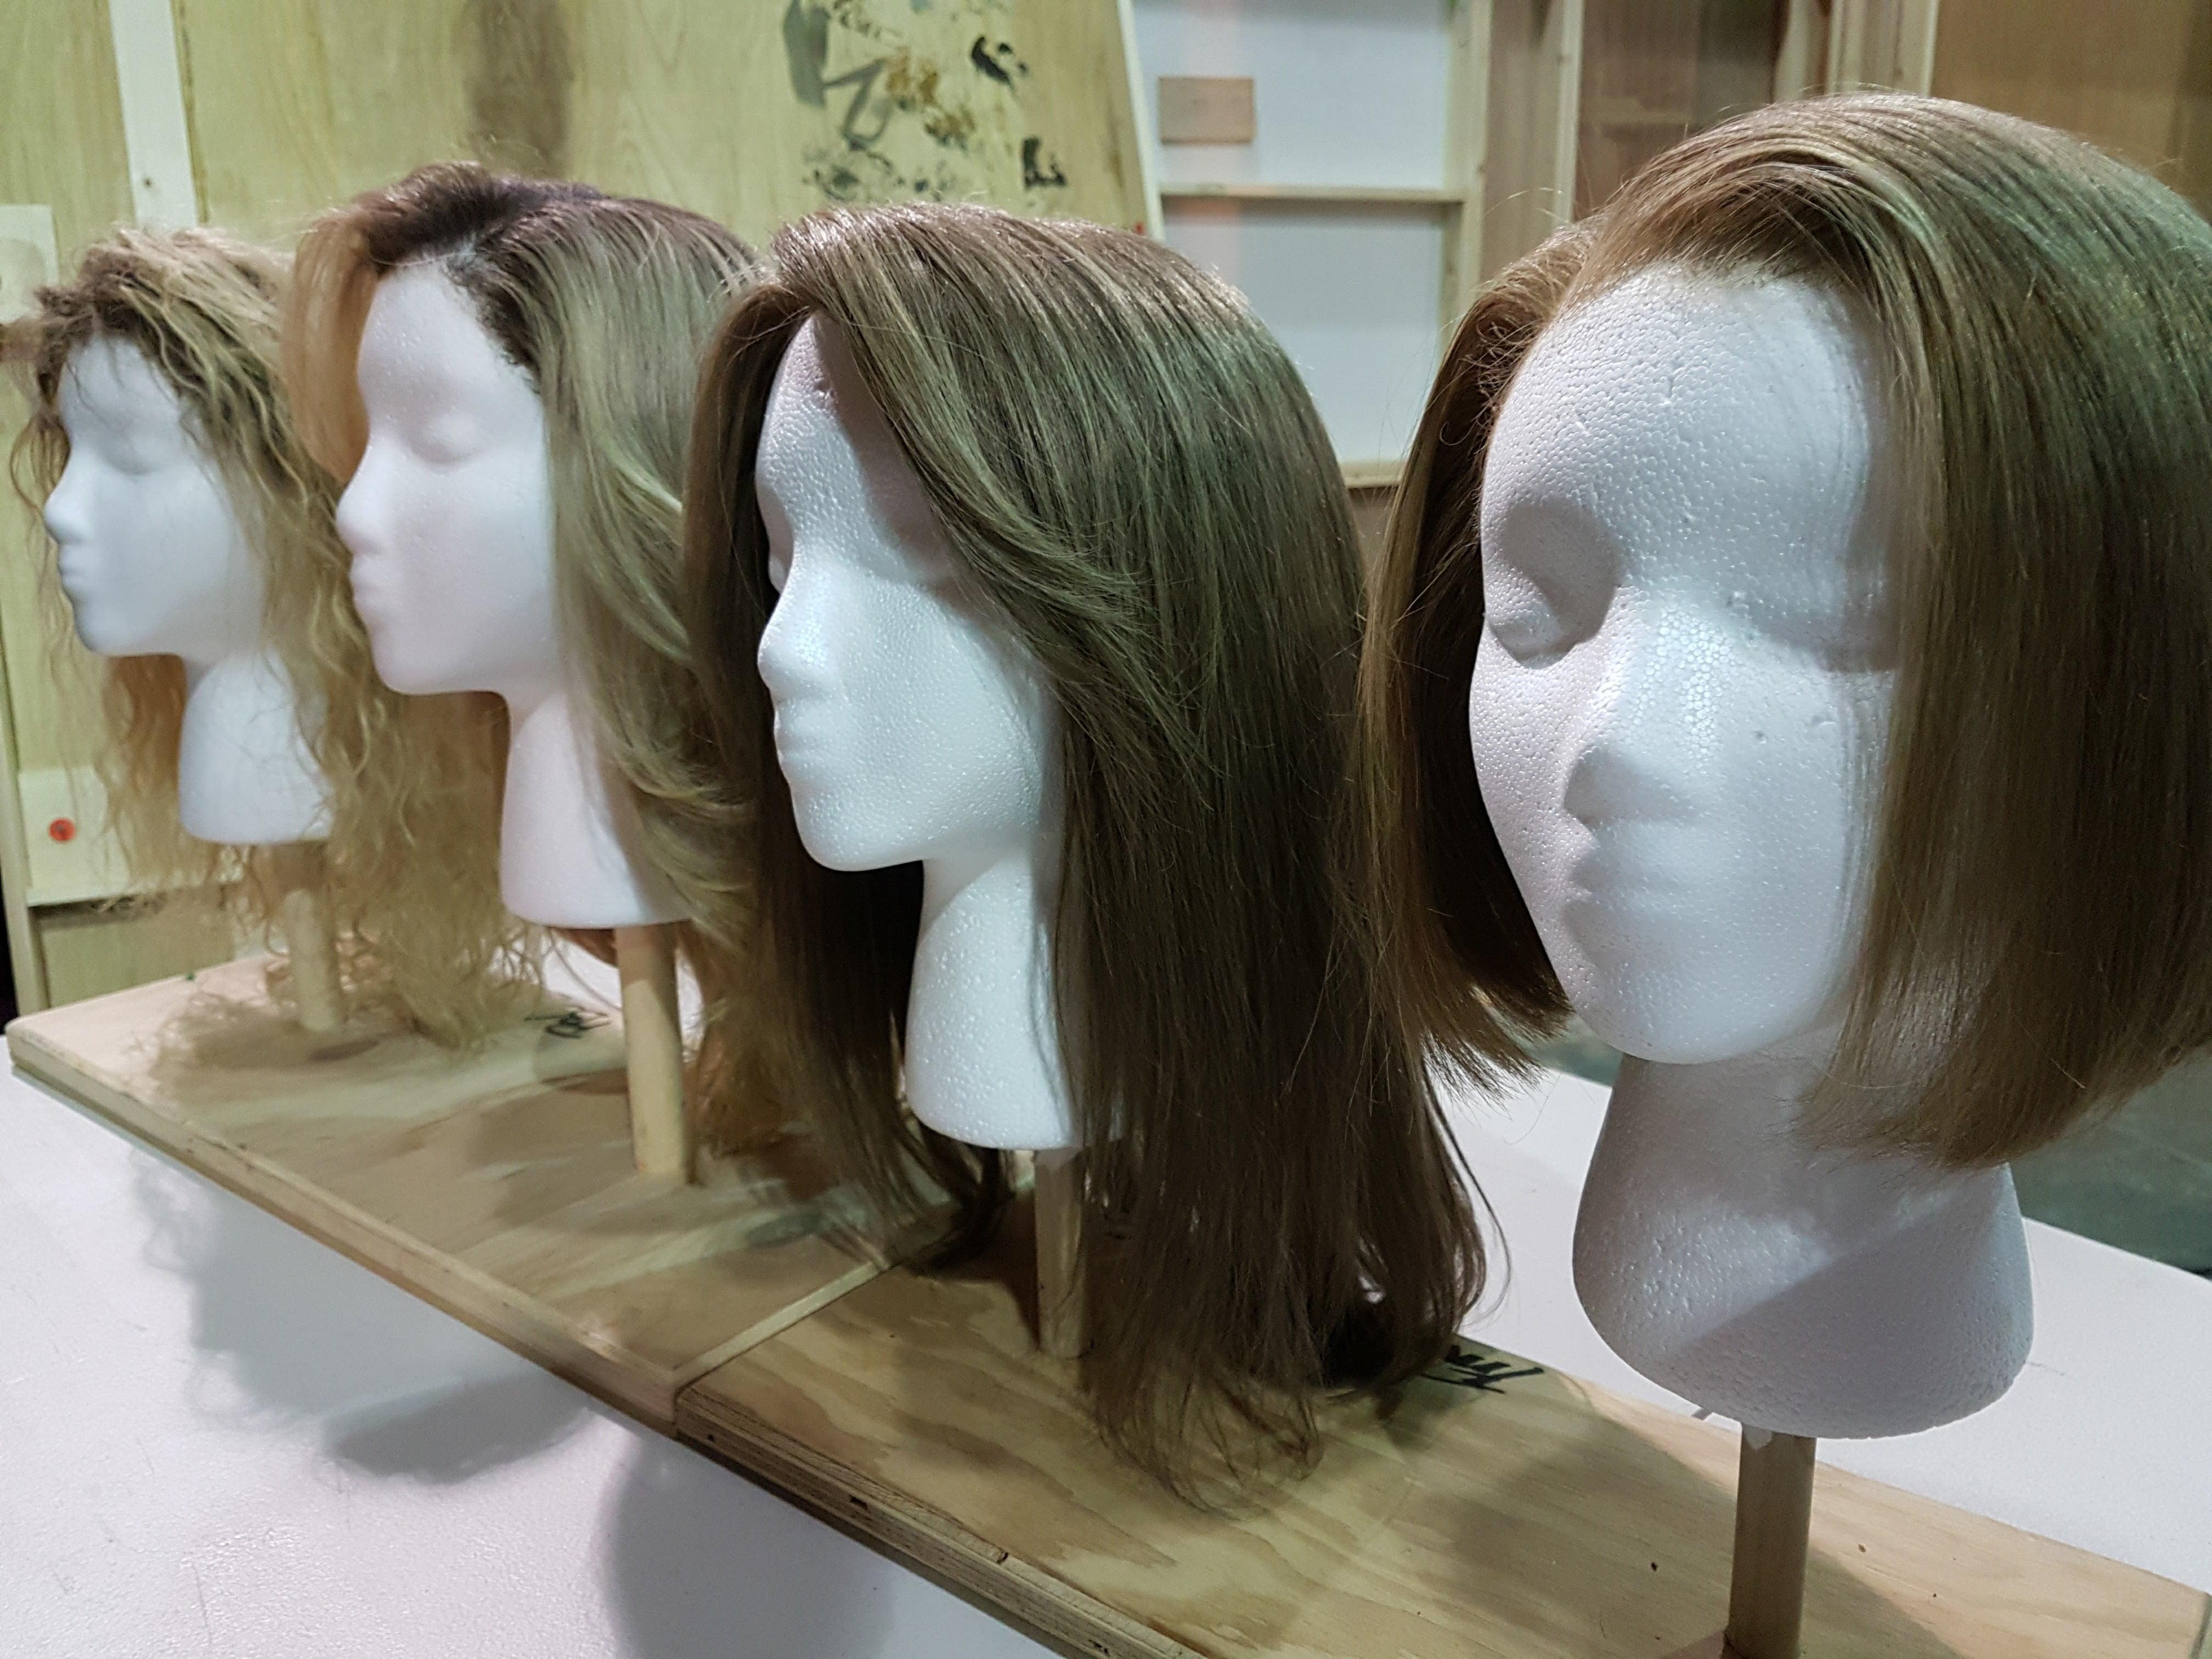 Tatiana Maslany character wigs